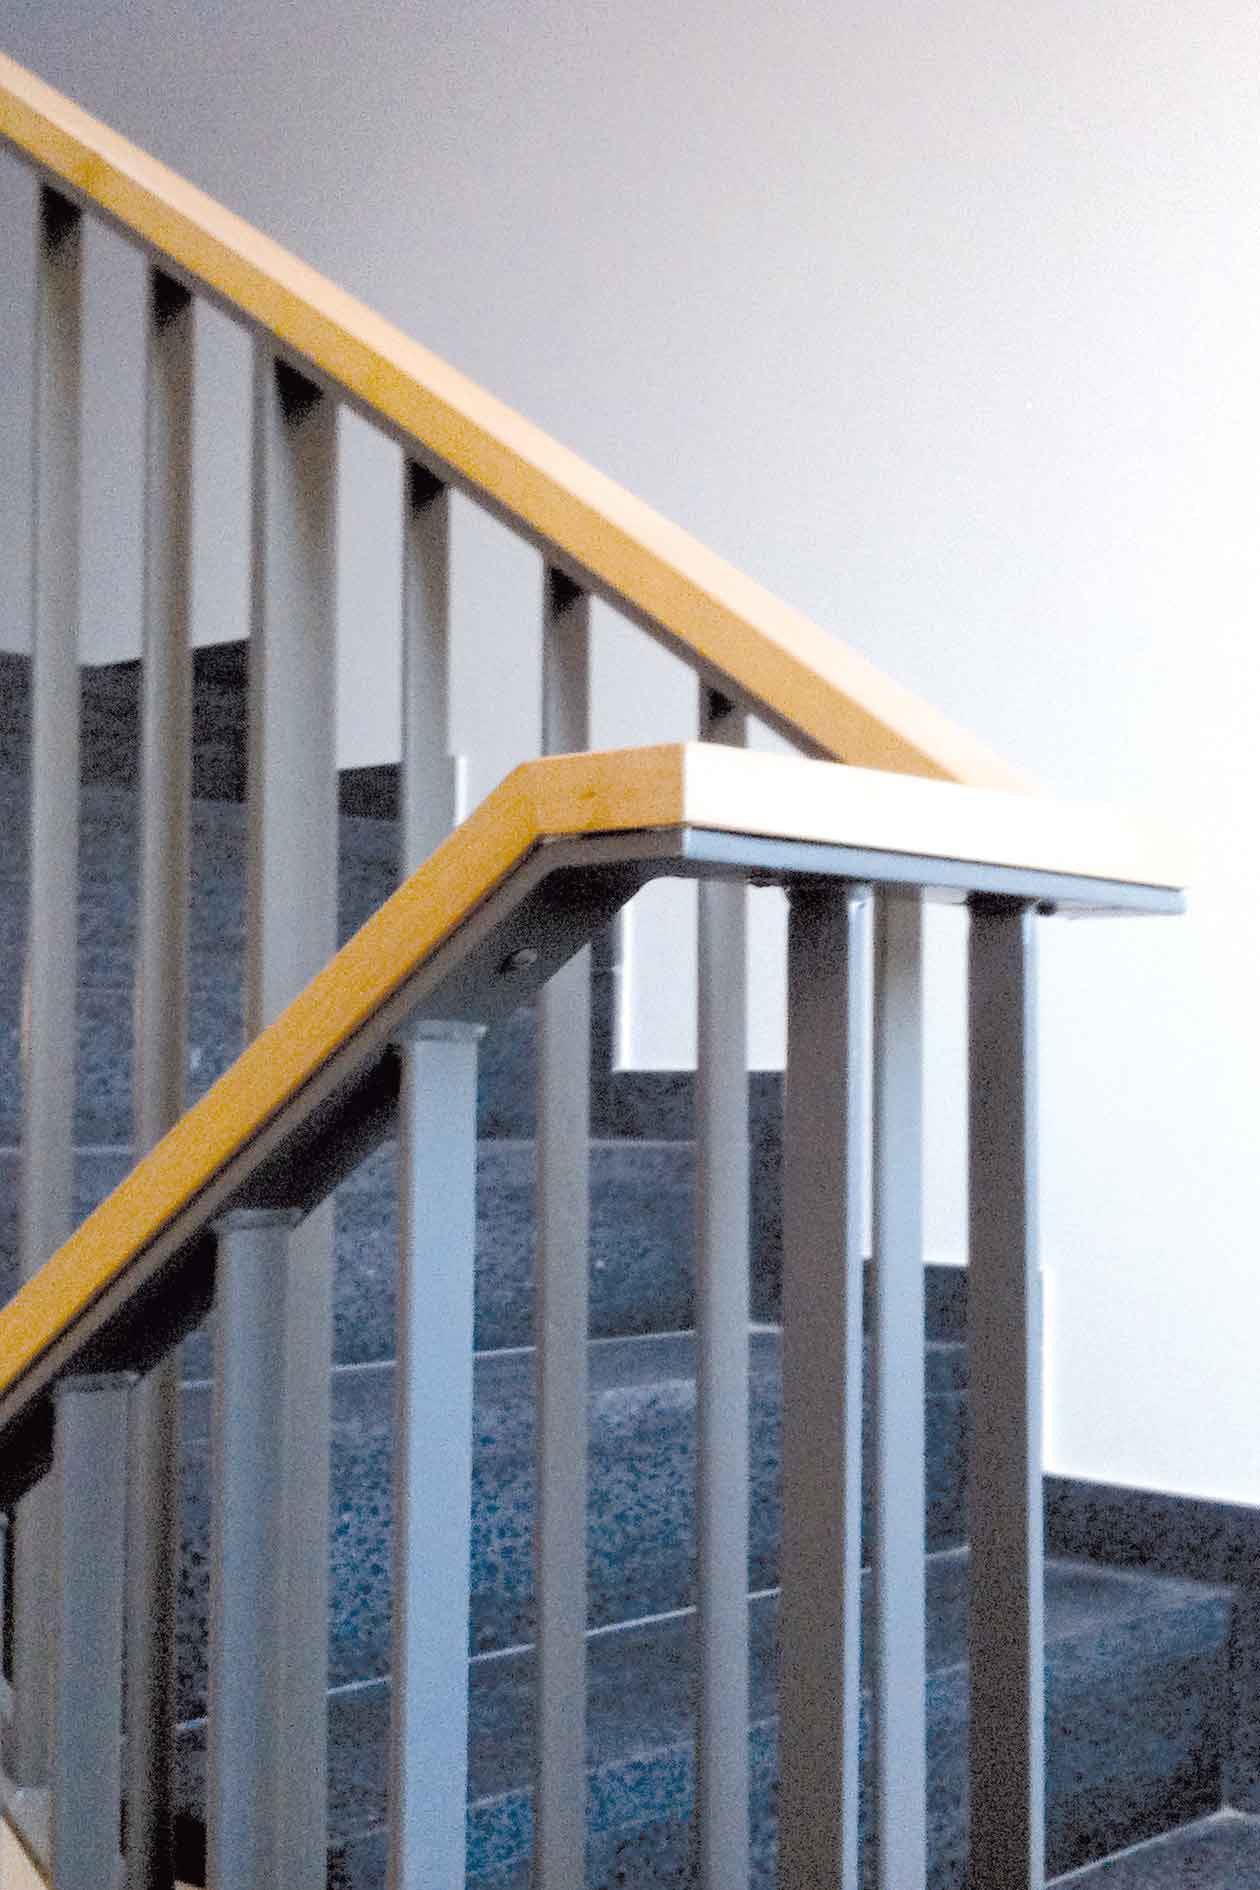 Treppengeländer Holz Und Stahl